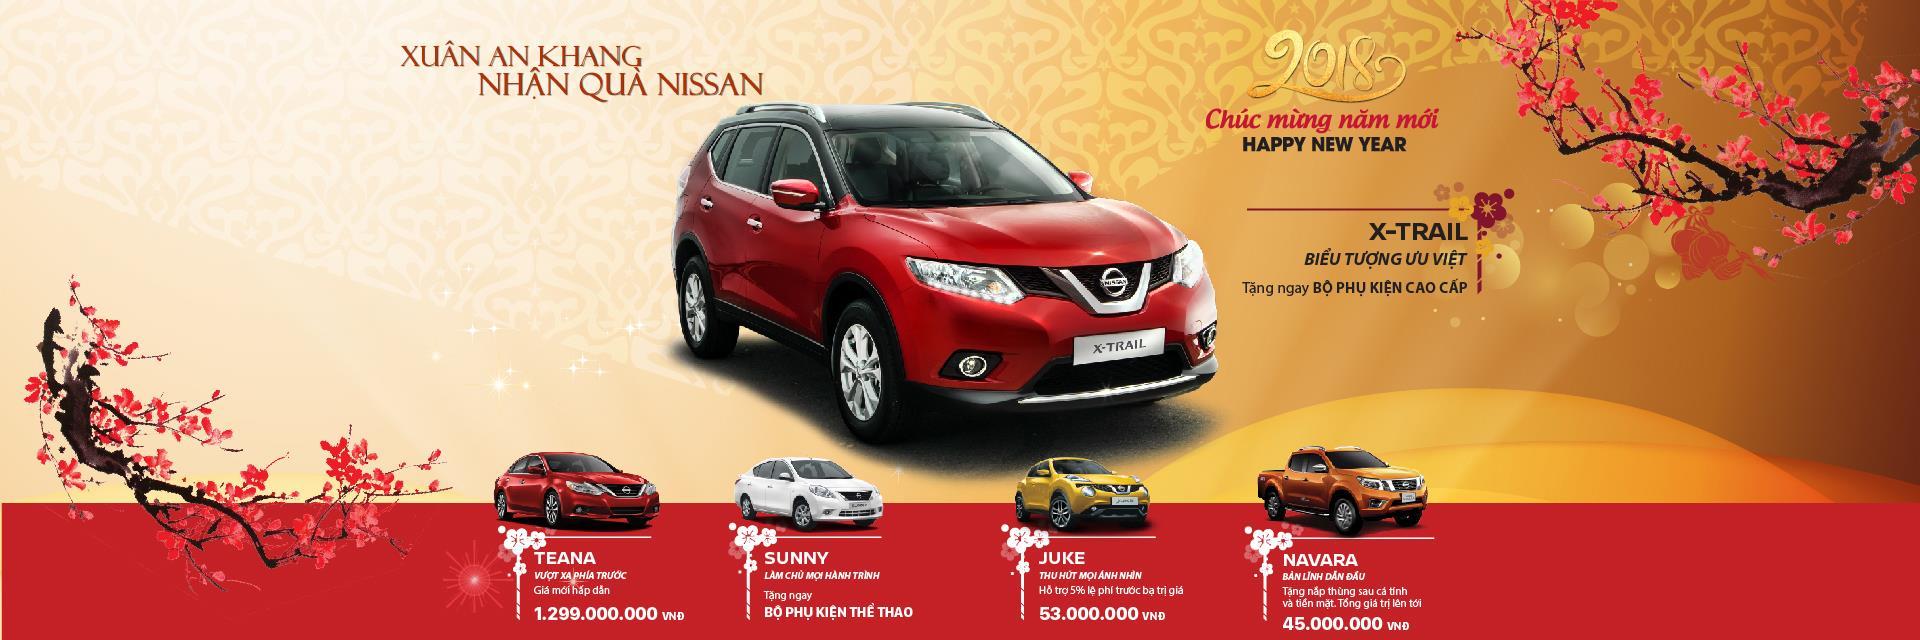 Nissan-Hà Nội